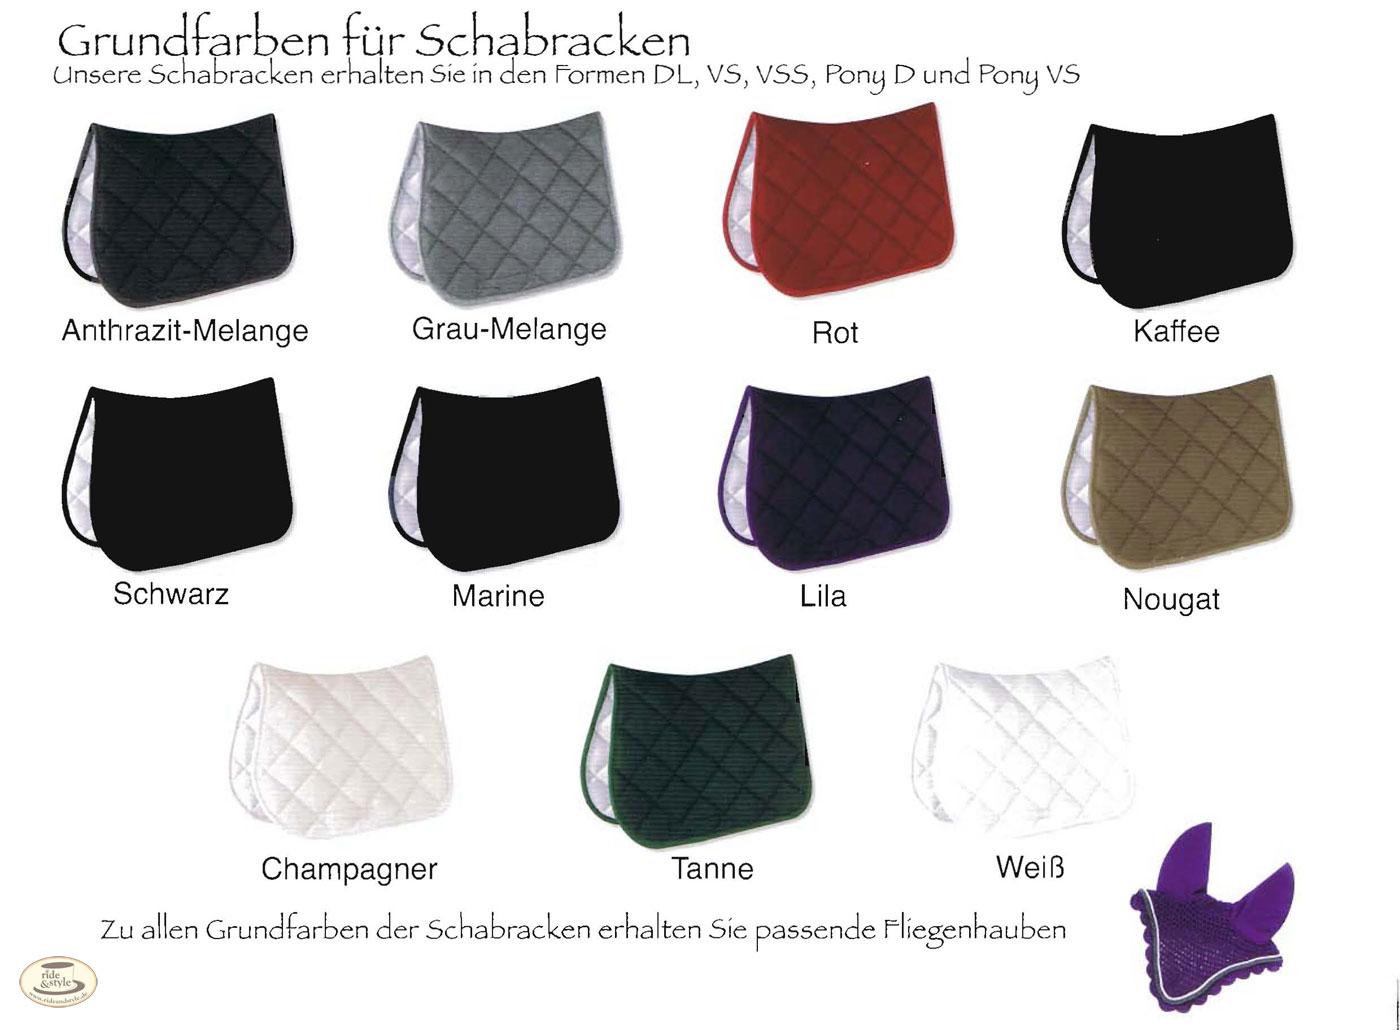 Esperado Schabracken, Esperado Abschwitzdecken, Esperado Fliegenhauben - Create Your Own Collection bei ride & style in witten